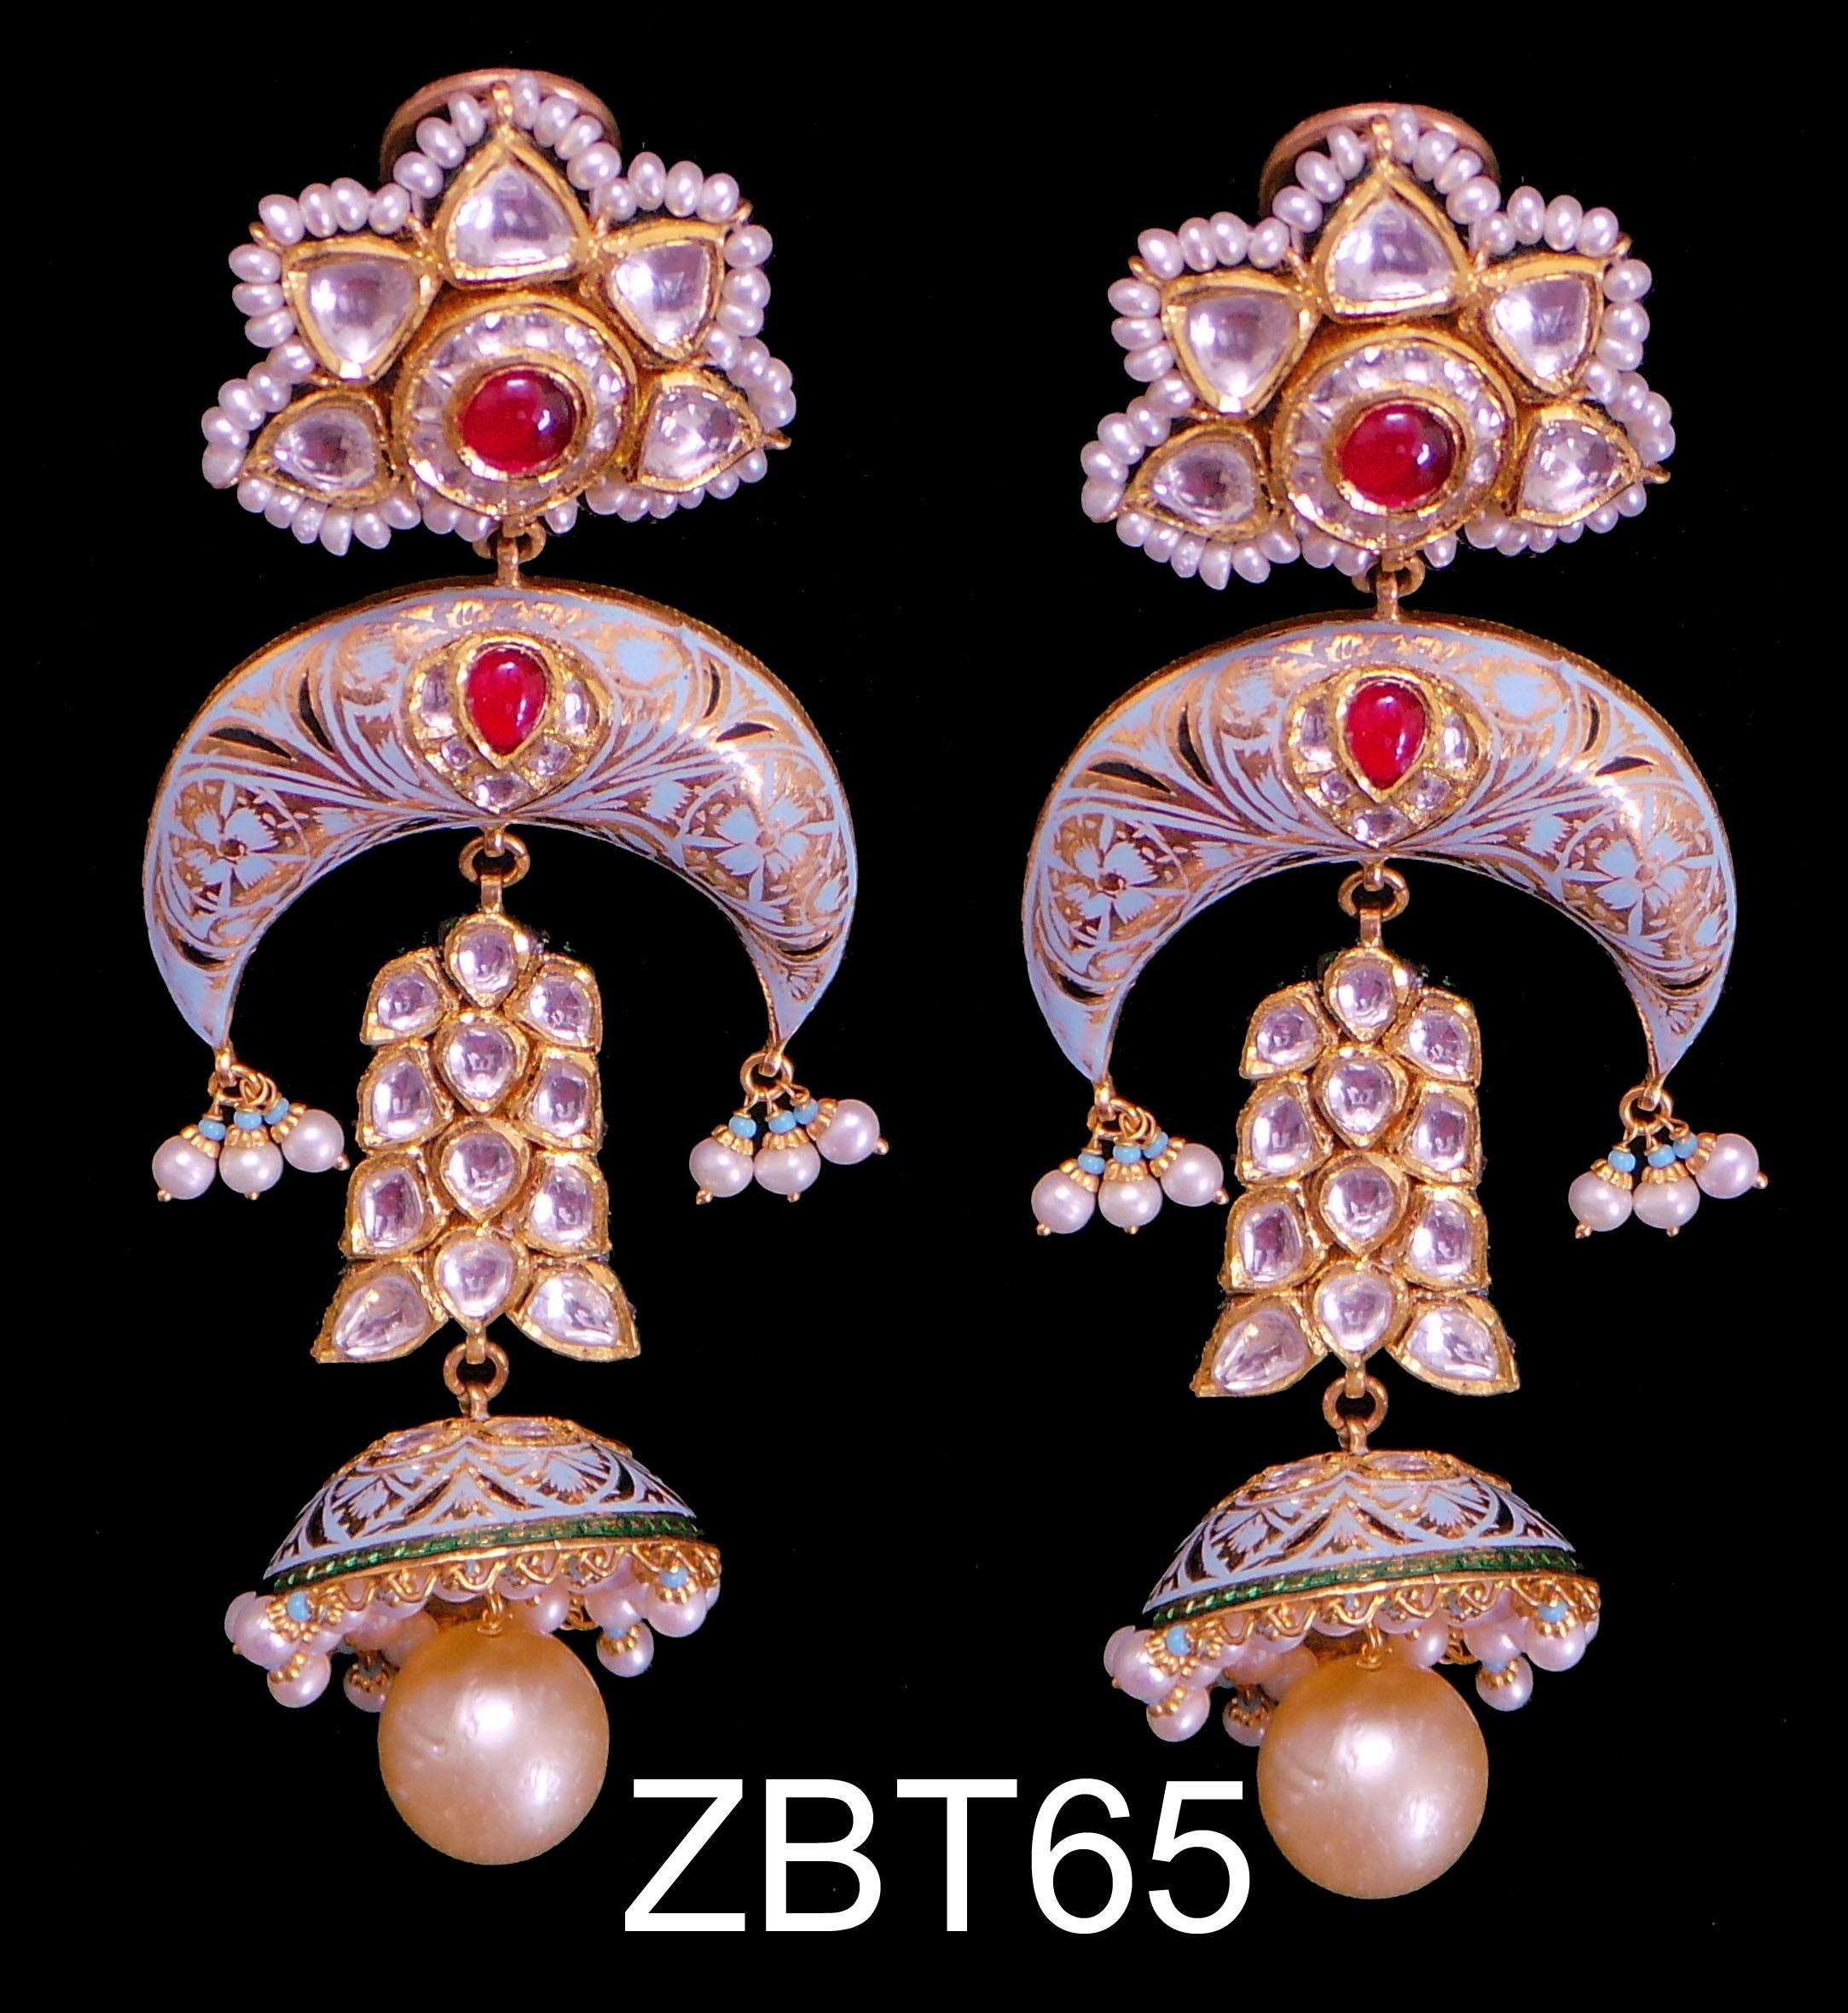 ZBT65